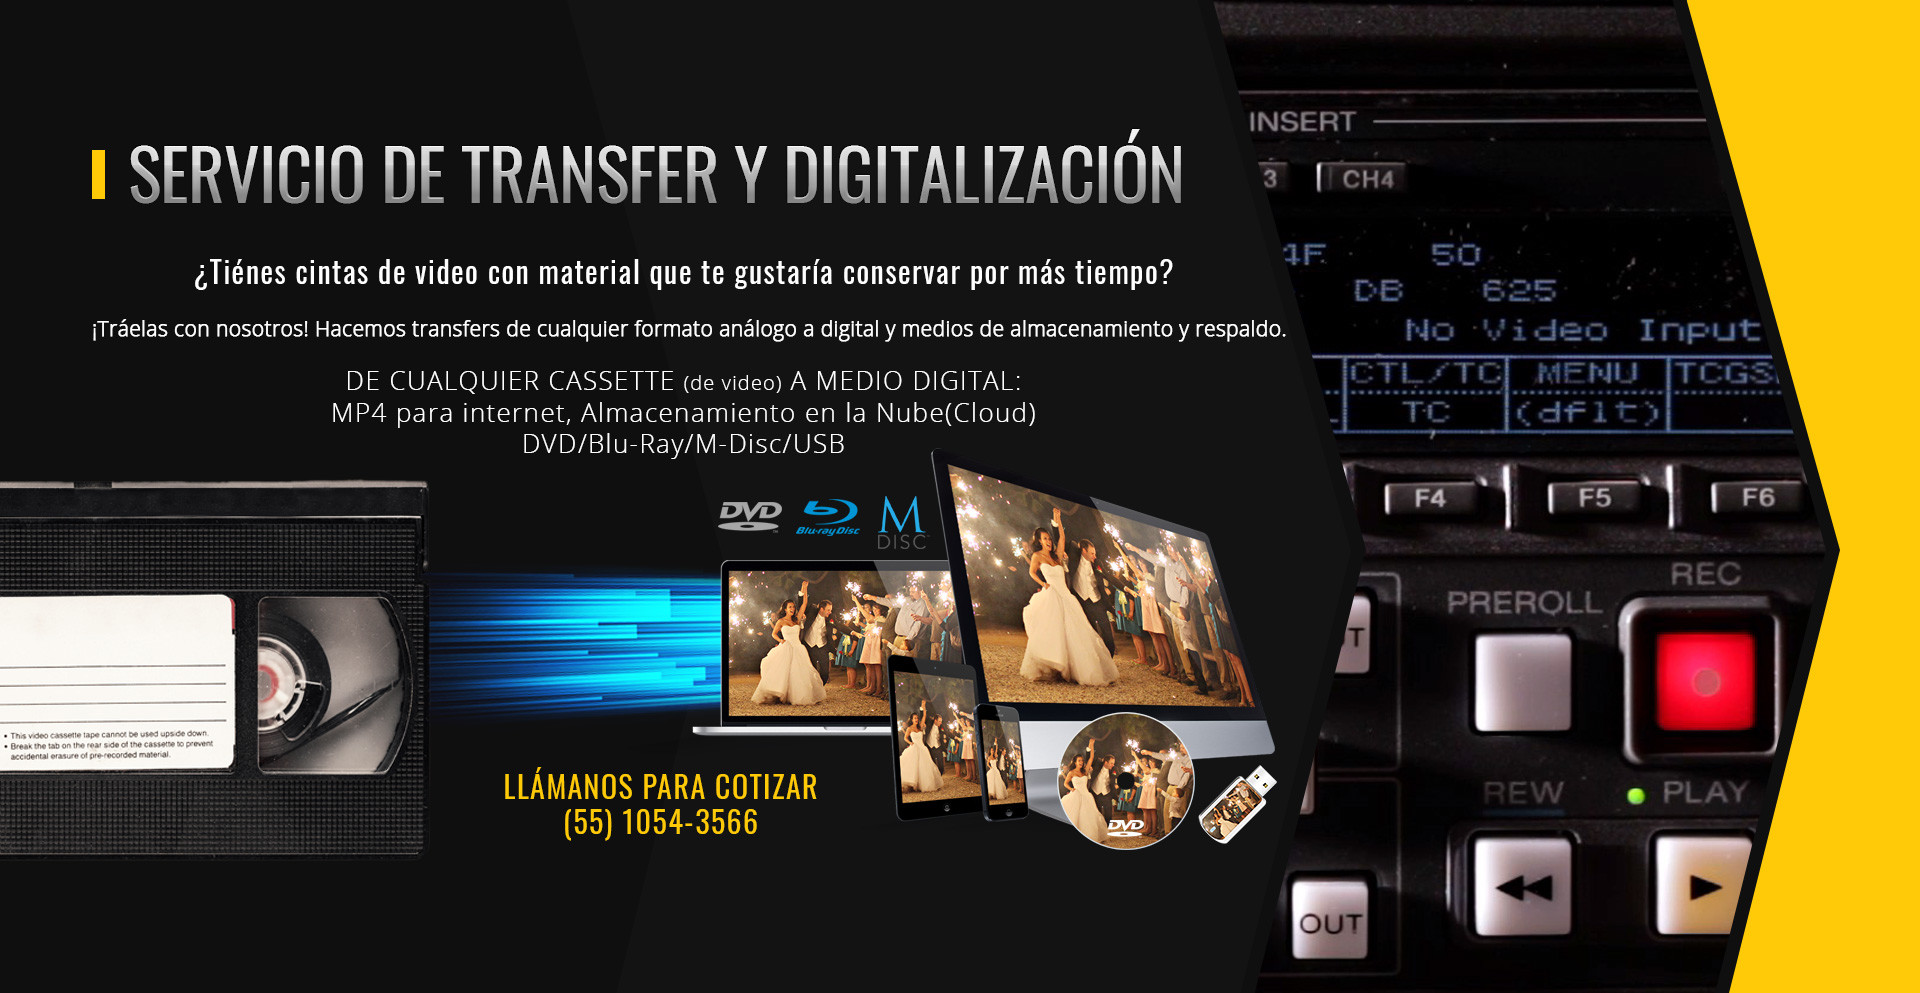 Servicios de Transferencia Digital